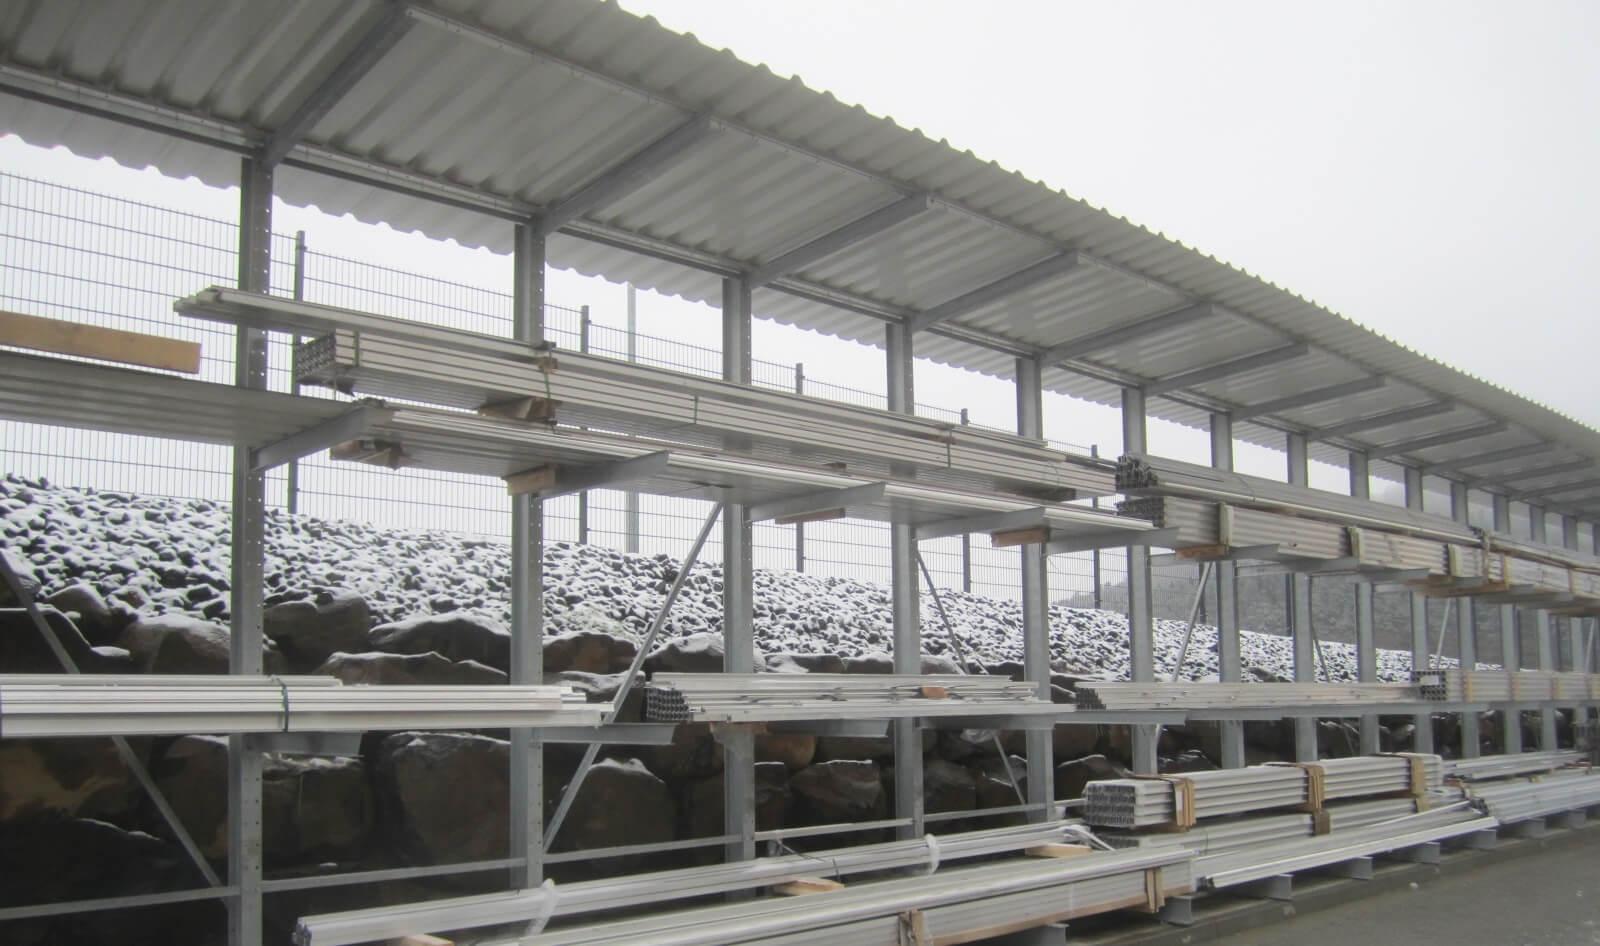 Kragarmregal einseitig mit Dach Winter 1 - Kragarmregal mit Dach